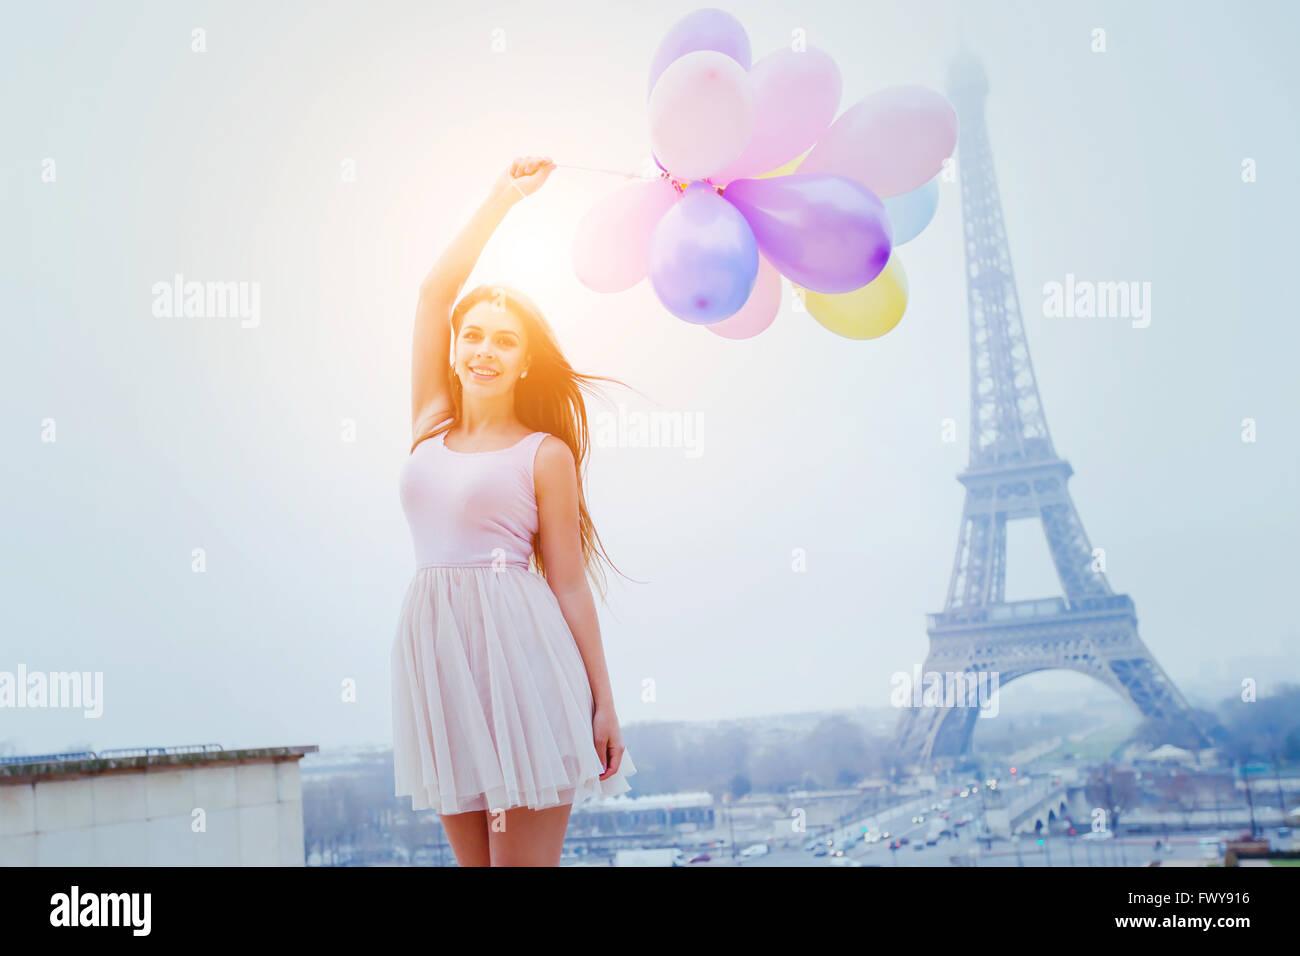 Urlaub in Paris, bunte Träume, fröhliches Mädchen mit Luftballons in der Nähe von Eiffelturm Stockbild